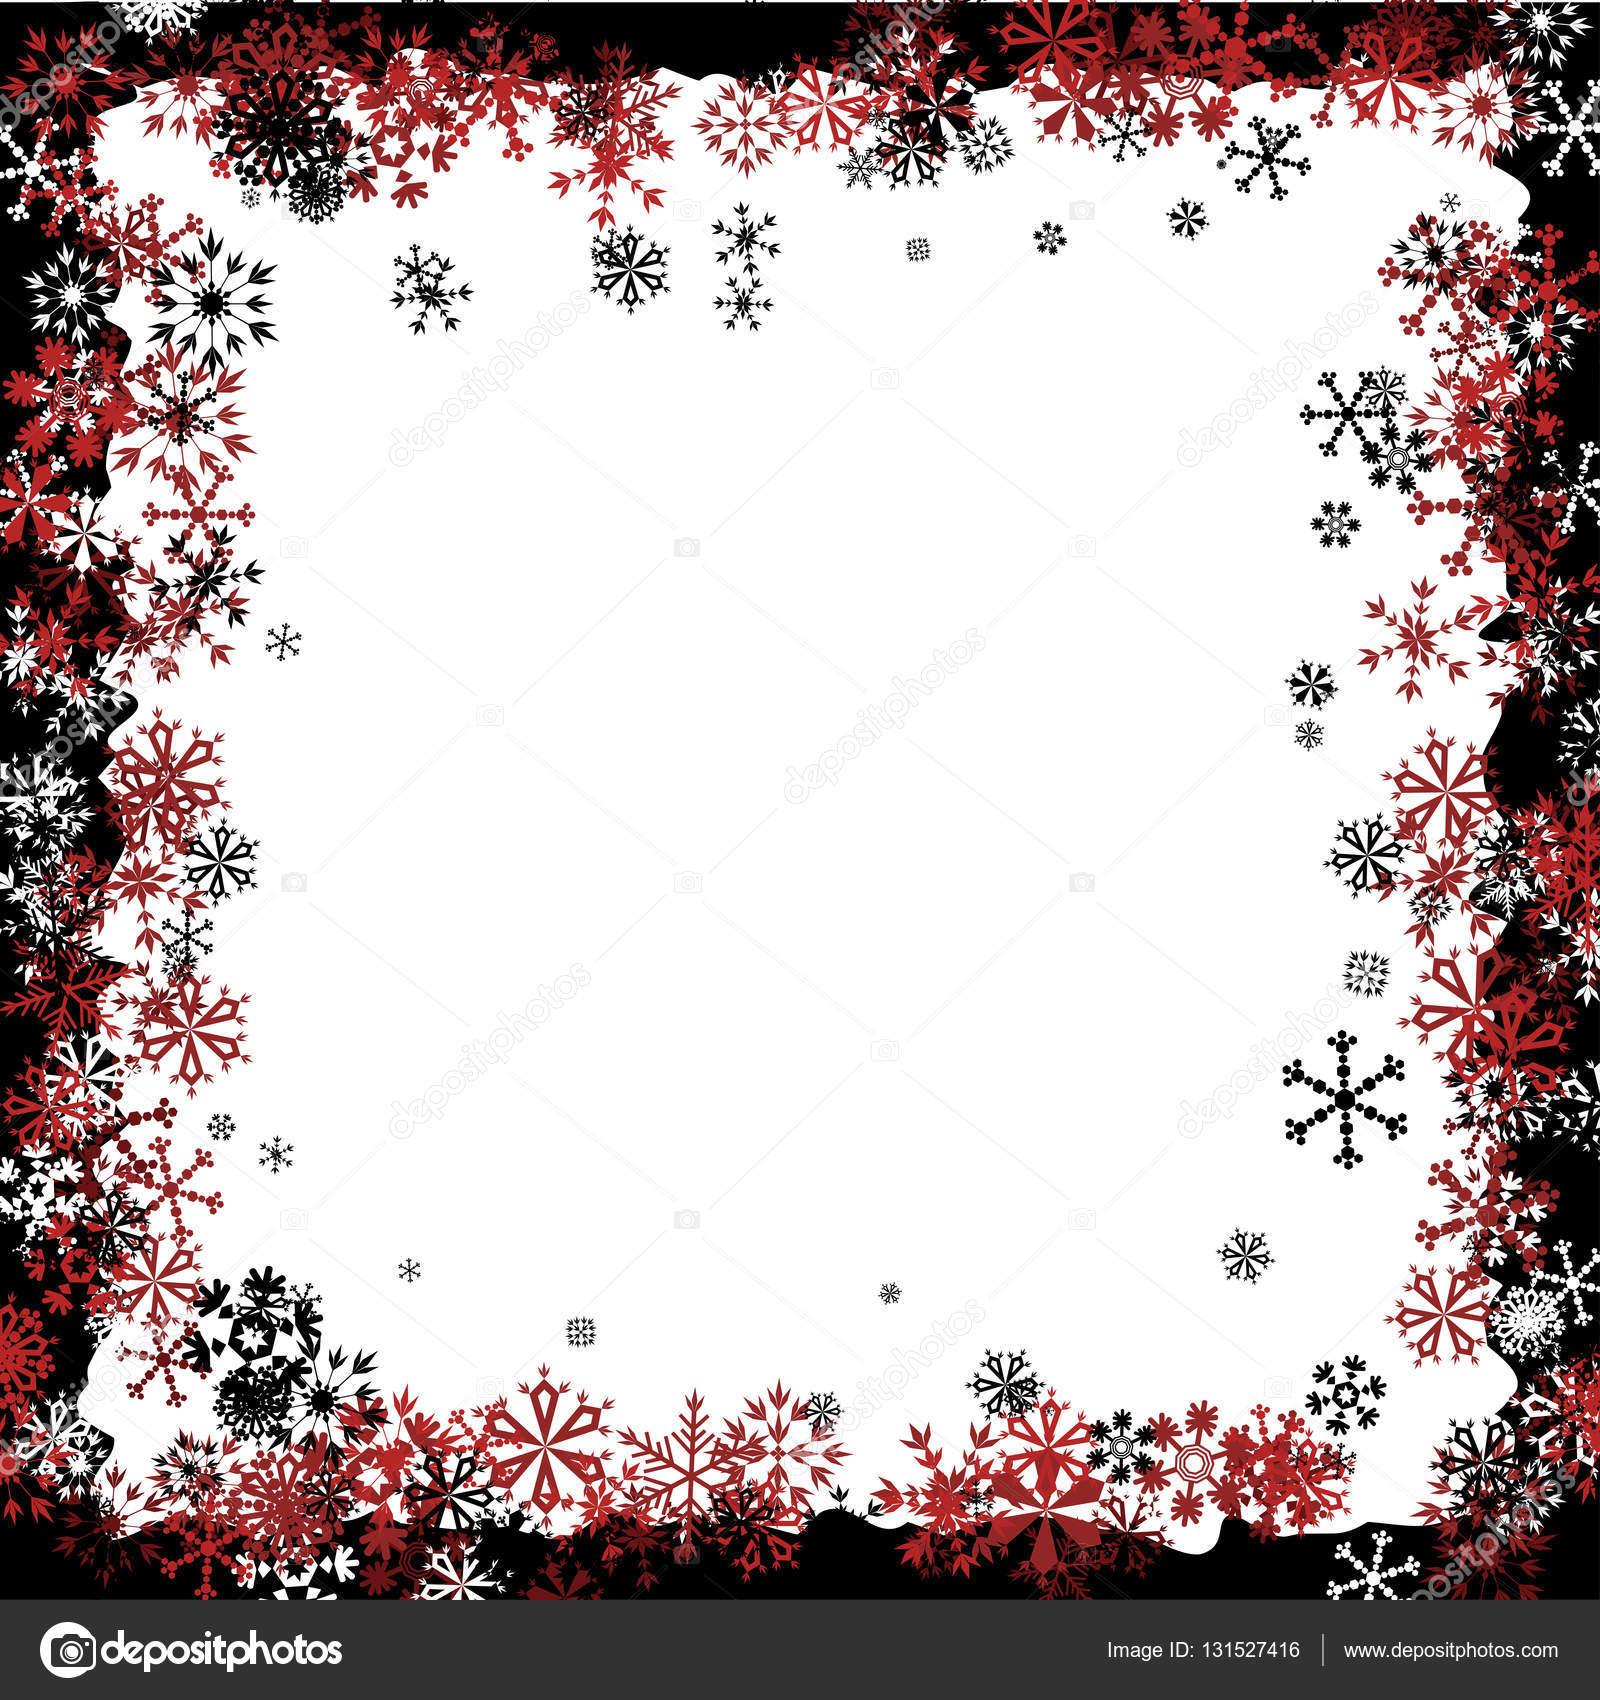 weihnachten rahmen mit schneeflocken stockvektor robisklp 131527416. Black Bedroom Furniture Sets. Home Design Ideas